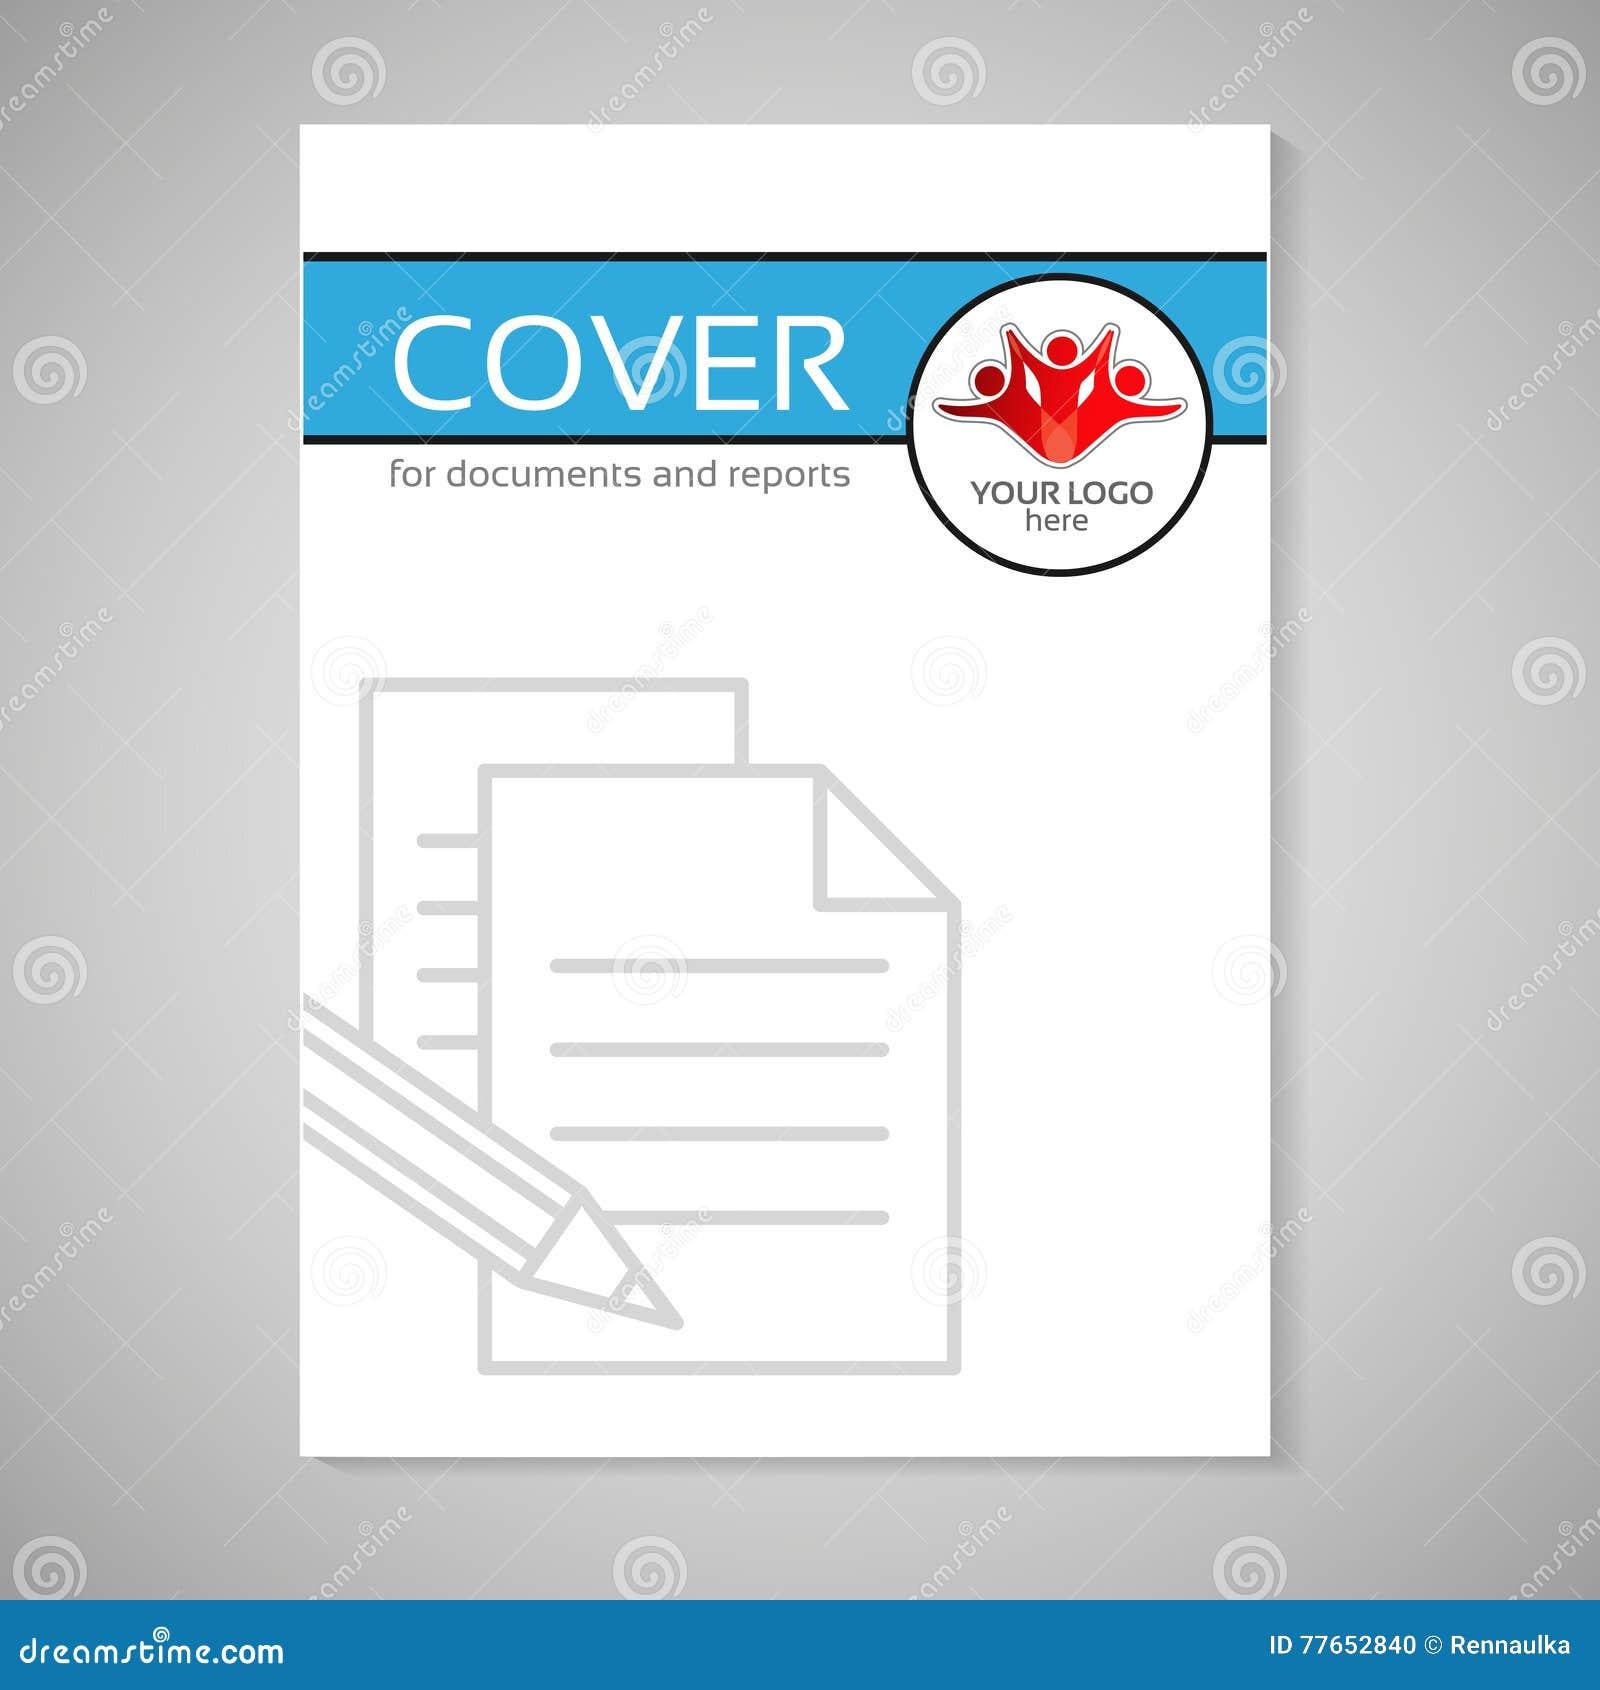 modern folder cover book cover brochure design template for modern folder cover book cover brochure design template for documents and reports